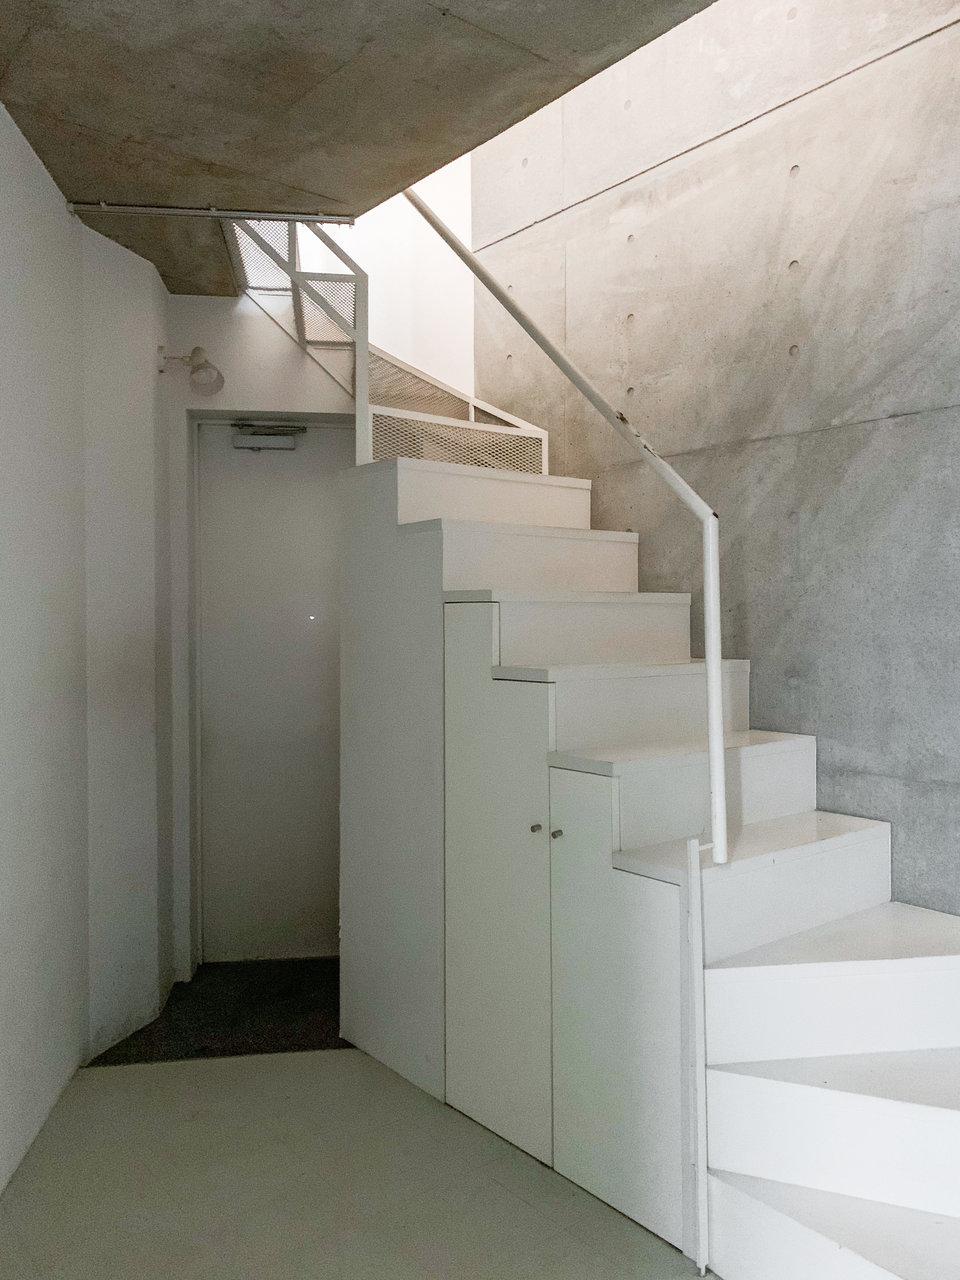 階段下のスペースは3.5畳ほど。ラックは本棚などをこちらに置けば、2階は自由に広々と使えそうです。階段下も収納棚になっていますよ!